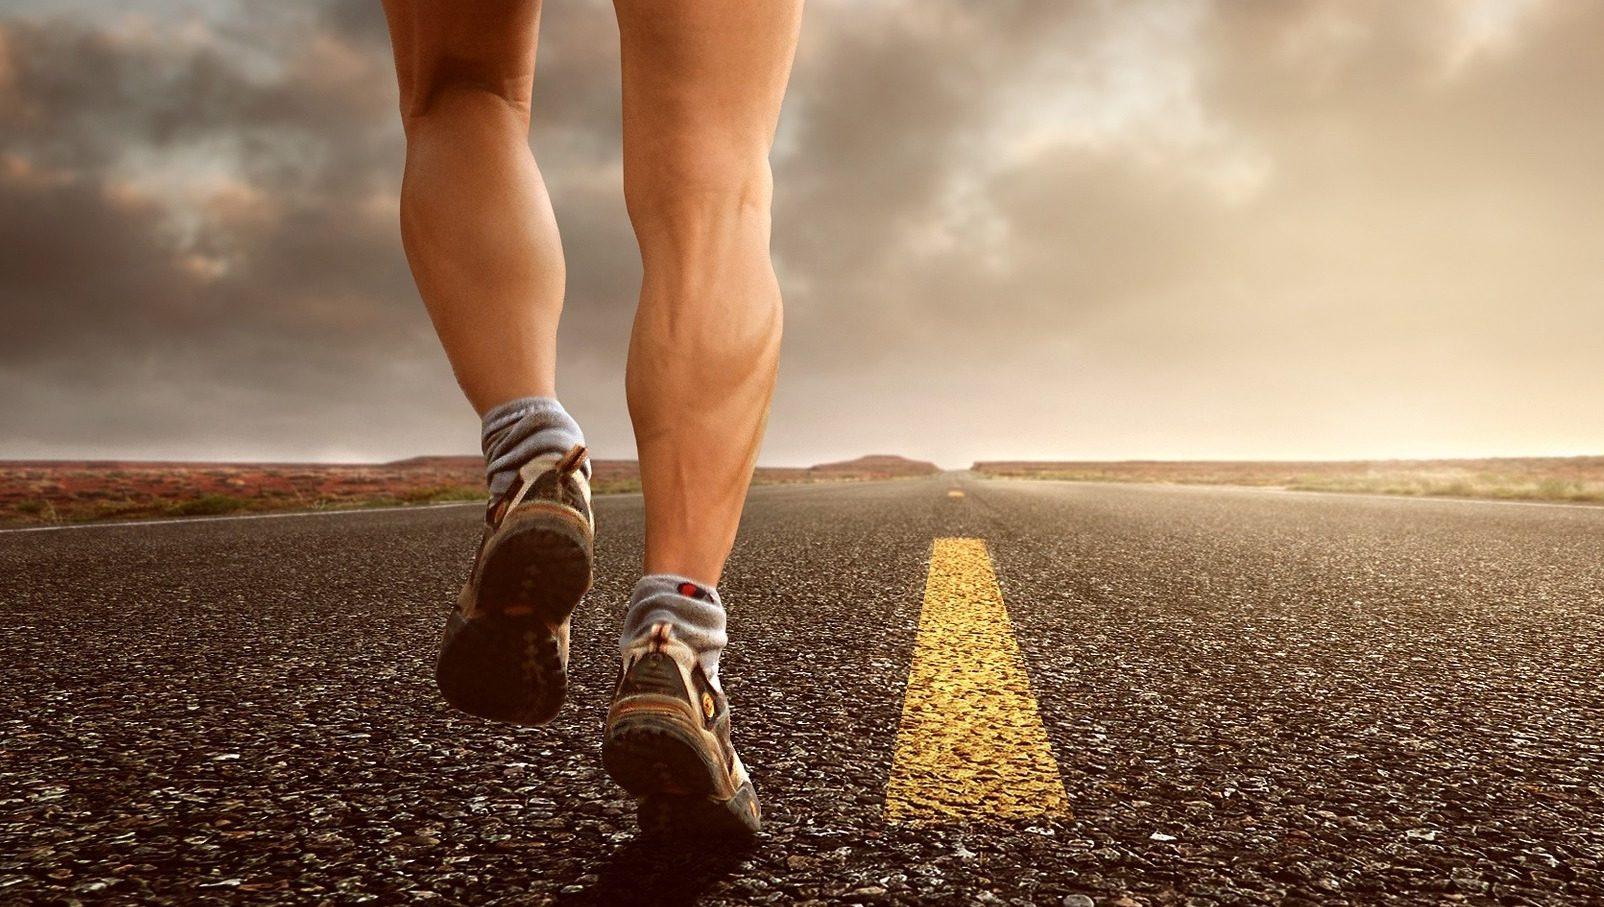 1時間でしっかり痩せる走り方 10 5ジョギング が効果的 実際に大